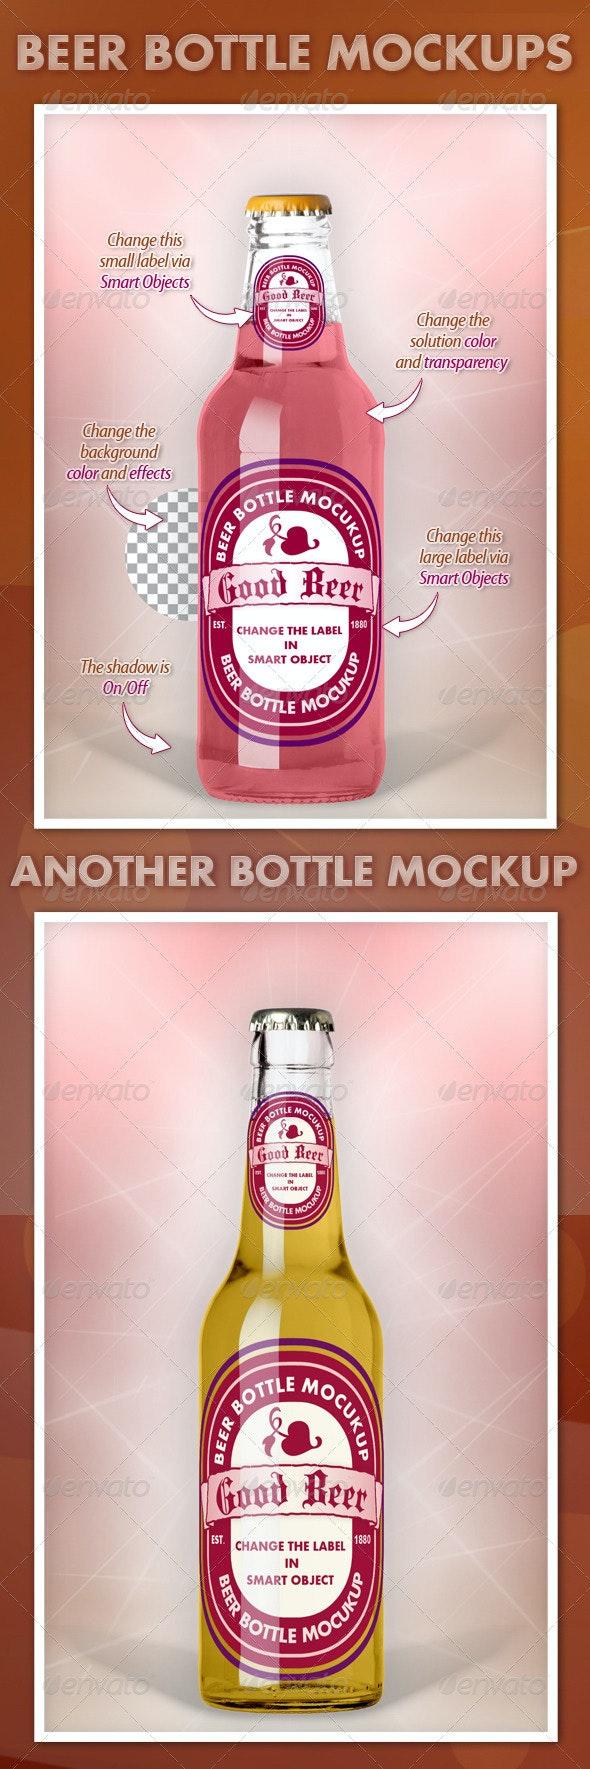 Beer Bottle Mockups V1.0 - Food and Drink Packaging